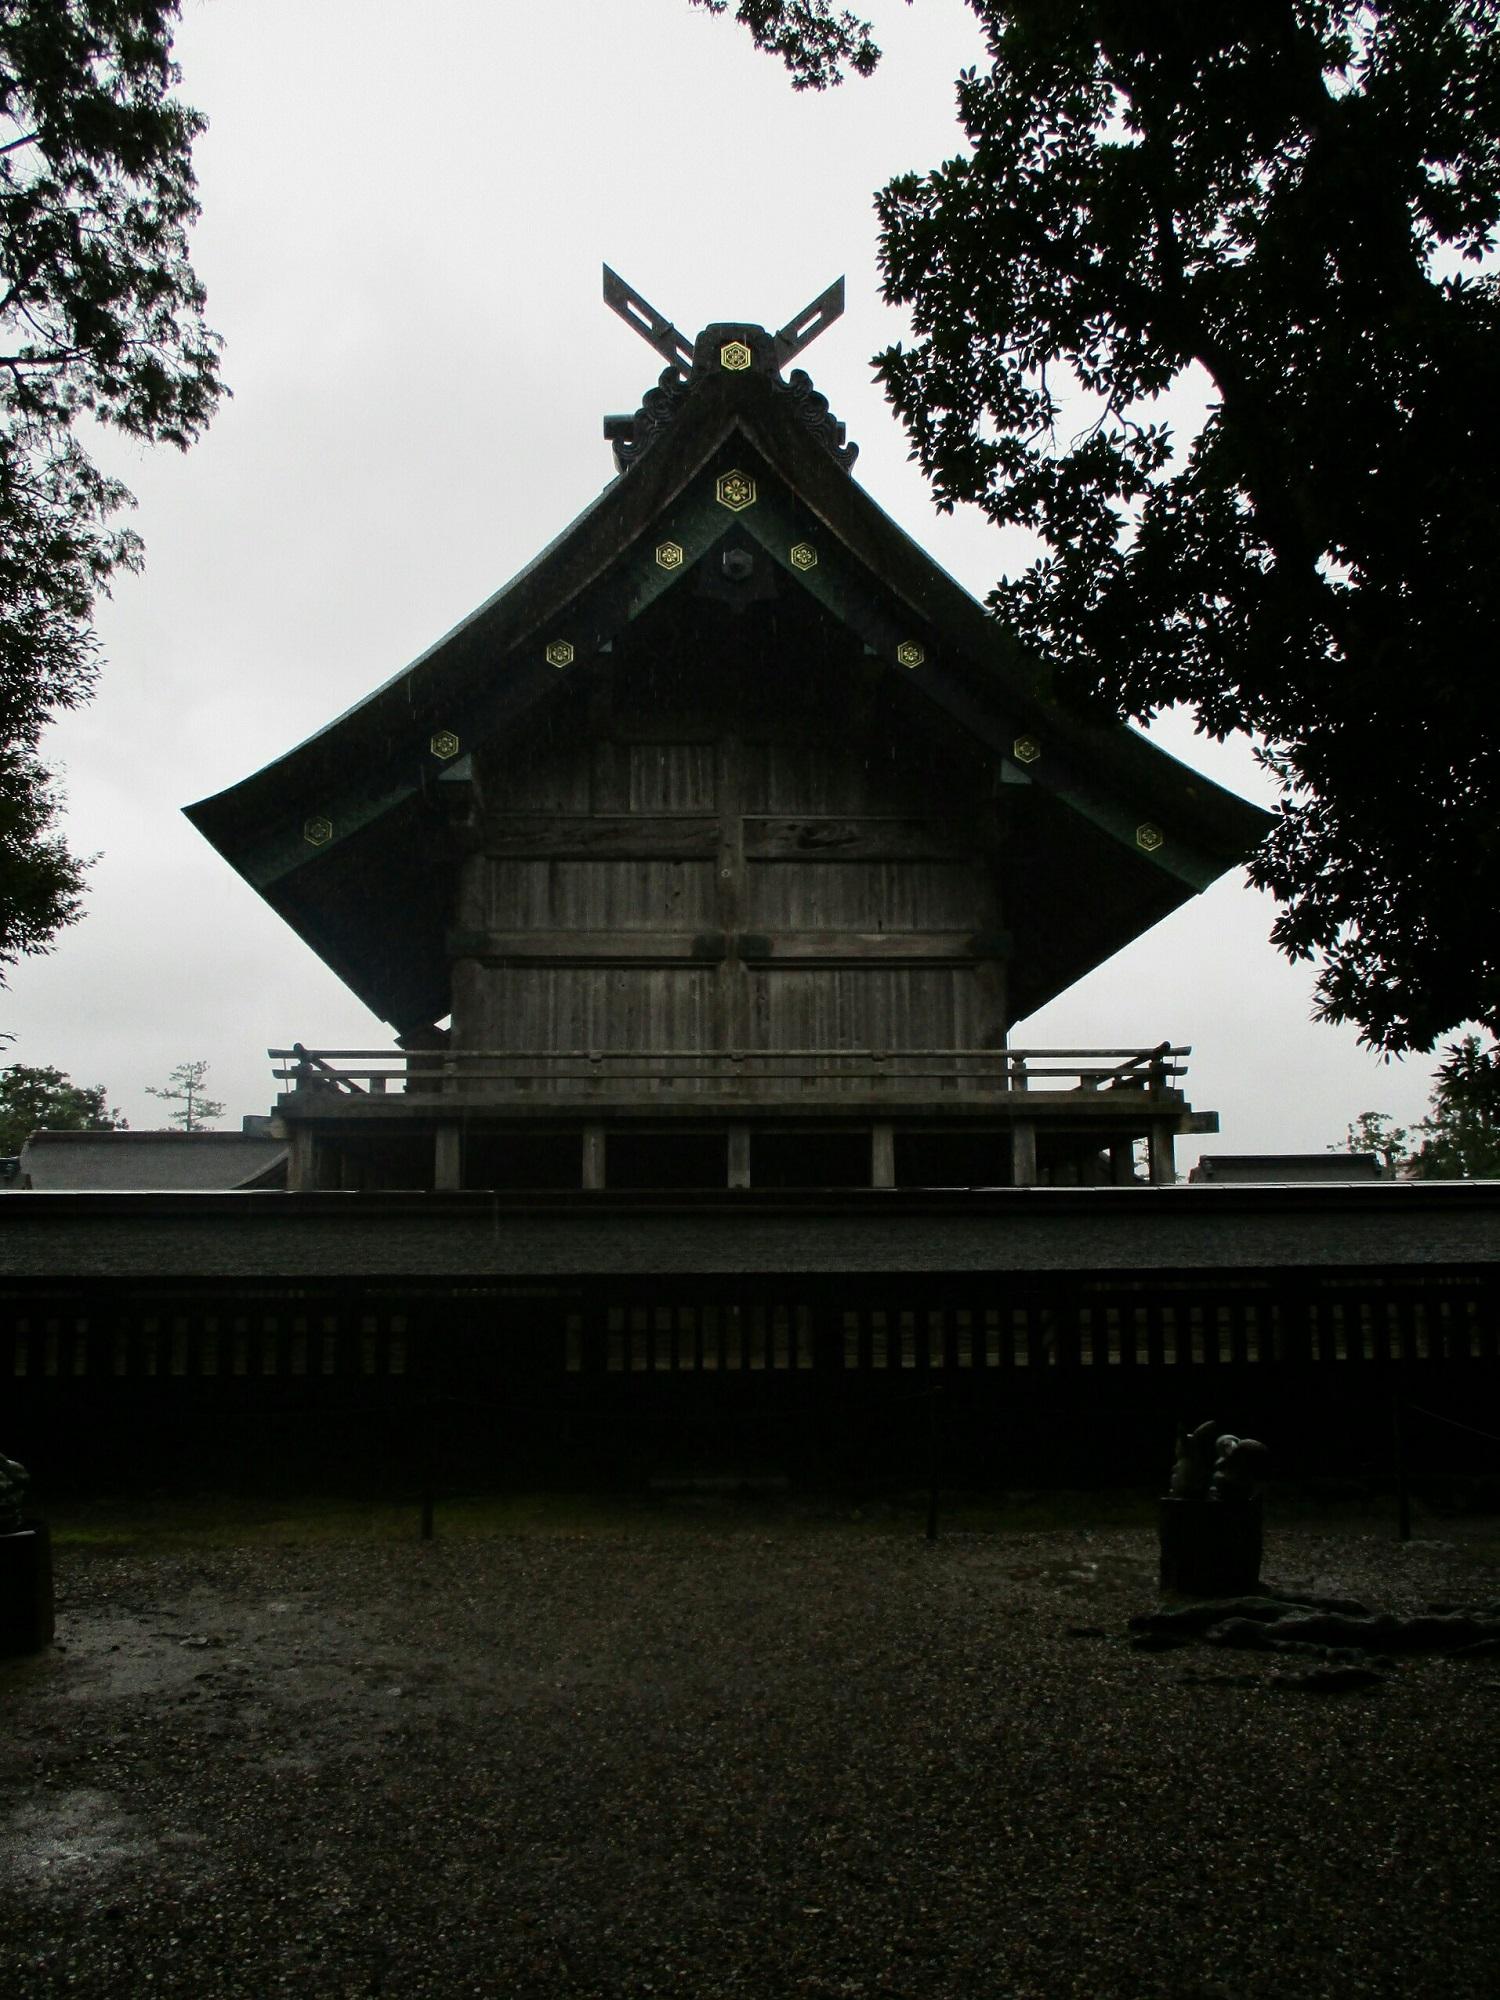 2018.7.6 (106) 出雲大社 - 本殿 1500-2000